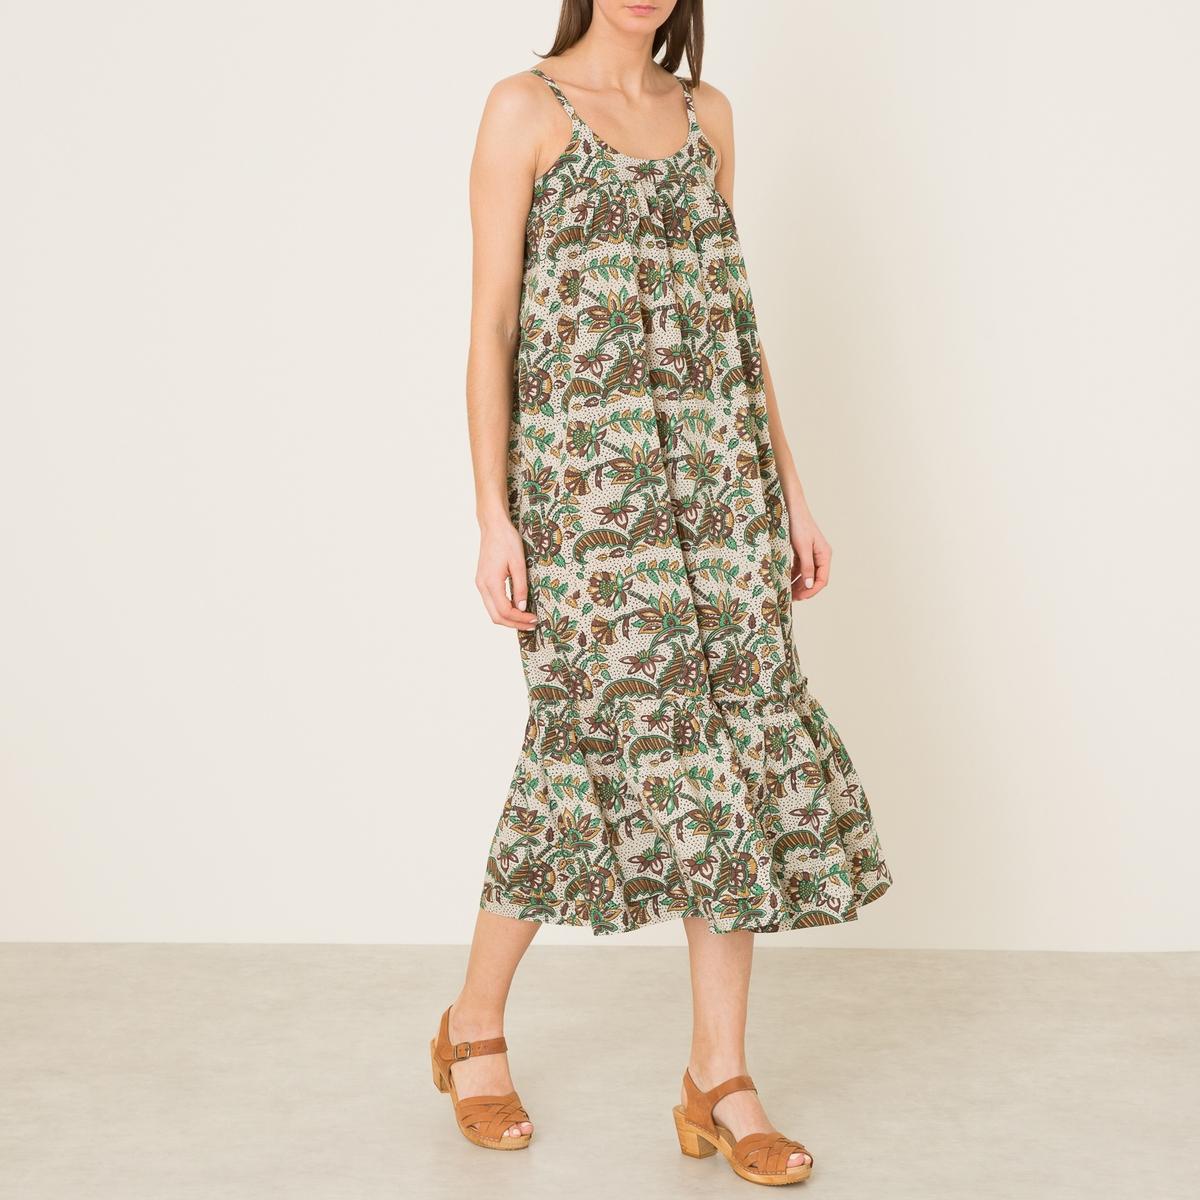 Платье длинное с принтом SALLYСостав и описаниеМатериал : 100% хлопок.Длина : ок. 107 см. (для размера 36)Марка : SOEUR<br><br>Цвет: набивной рисунок